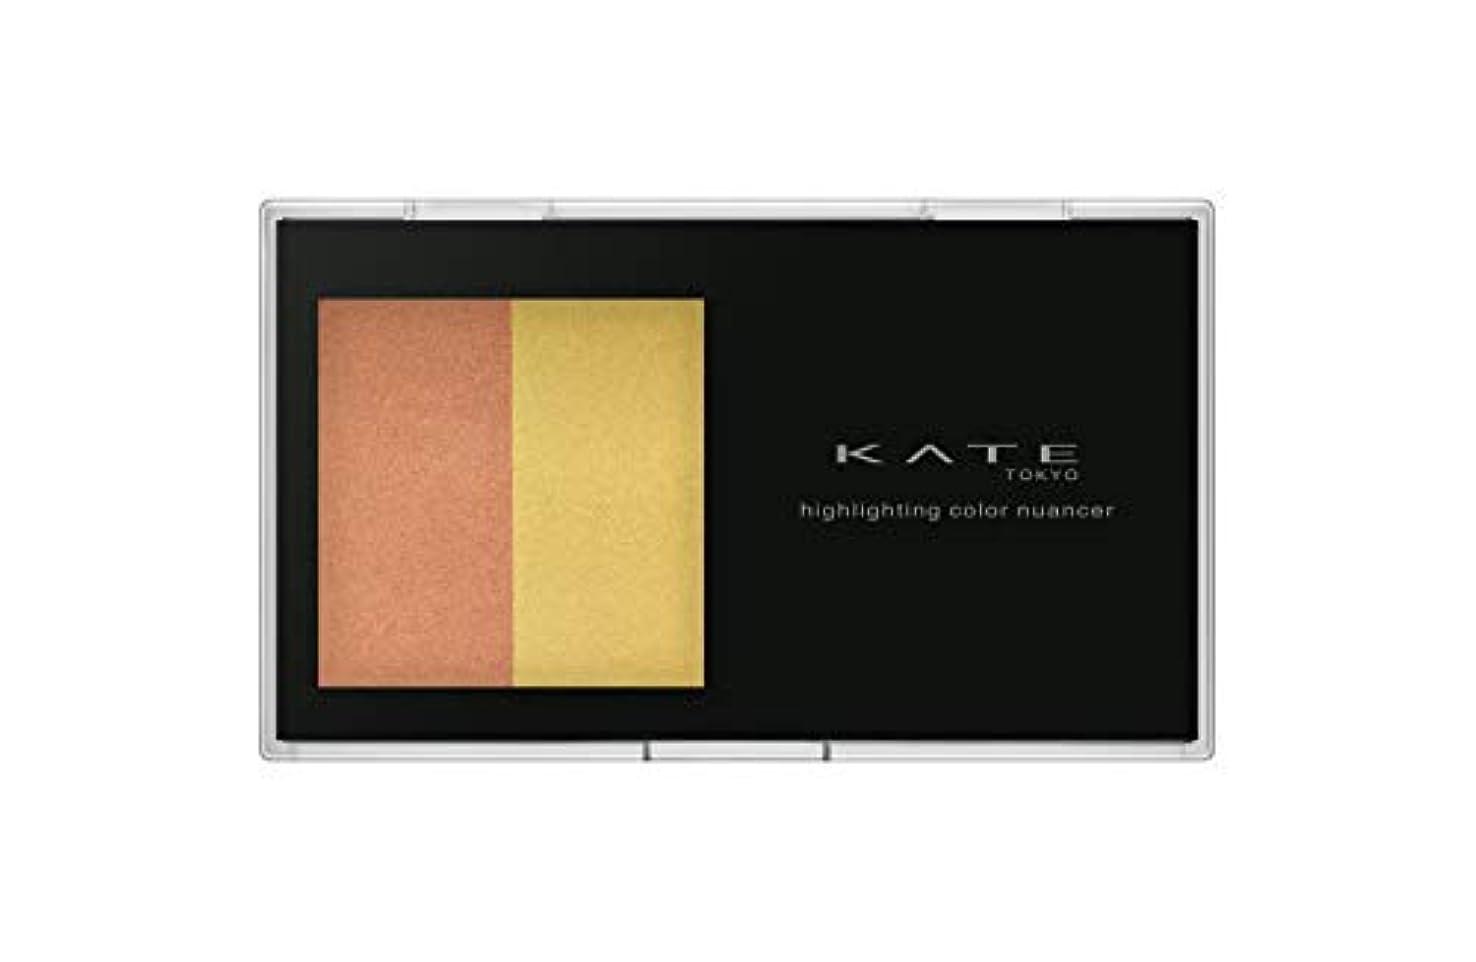 かわす父方の汚物KATE(ケイト) ケイト ハイライティングカラーニュアンサー EX-2 チーク オレンジ×イエロー 4.5g